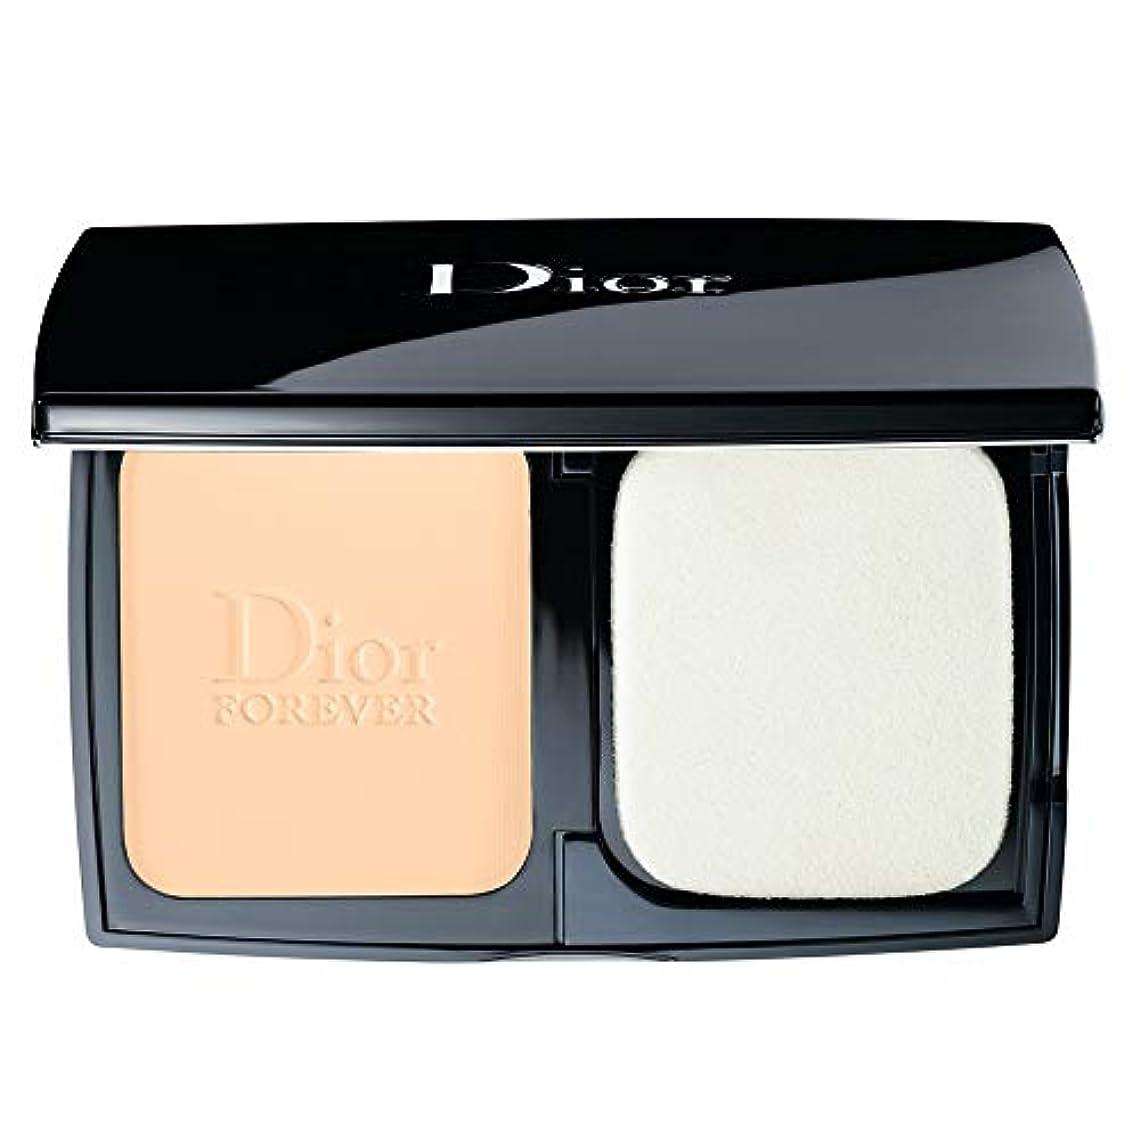 ブラザー確かに肝クリスチャンディオール Diorskin Forever Extreme Control Perfect Matte Powder Makeup SPF 20 - # 010 Ivory 9g/0.31oz並行輸入品